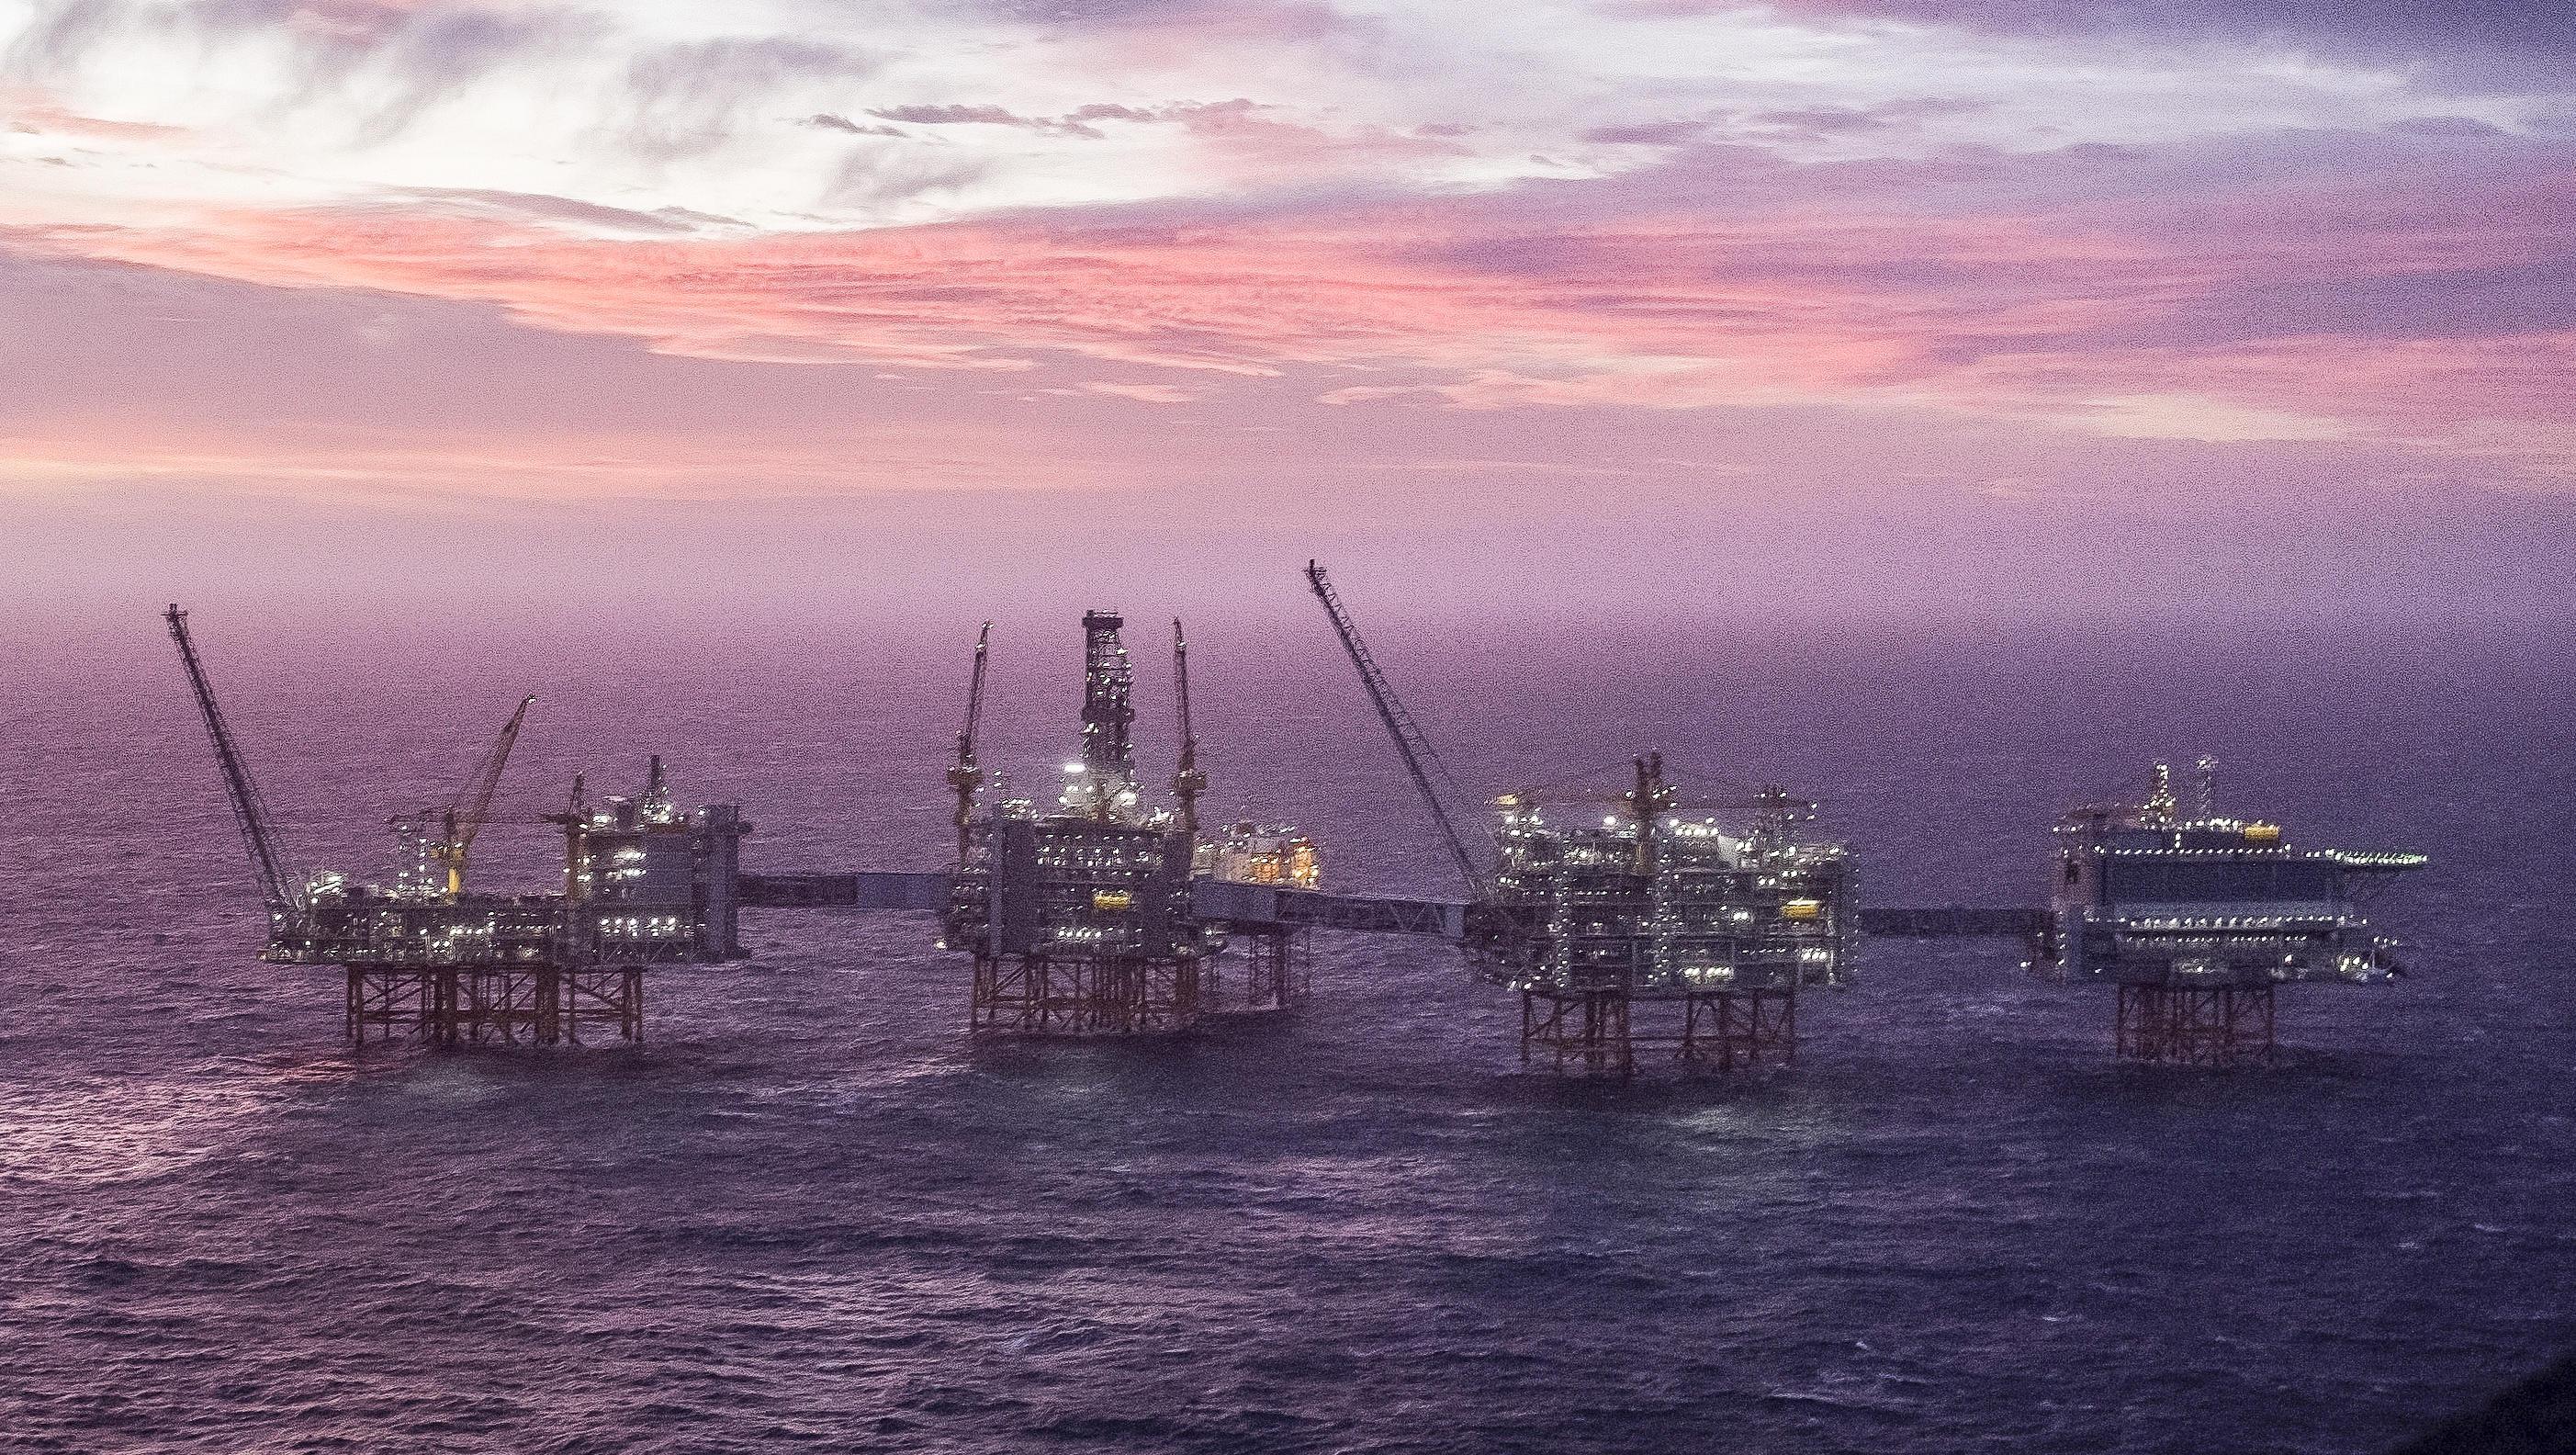 Bohrinseln stehen wegen Öl-Crash vor dem Aus